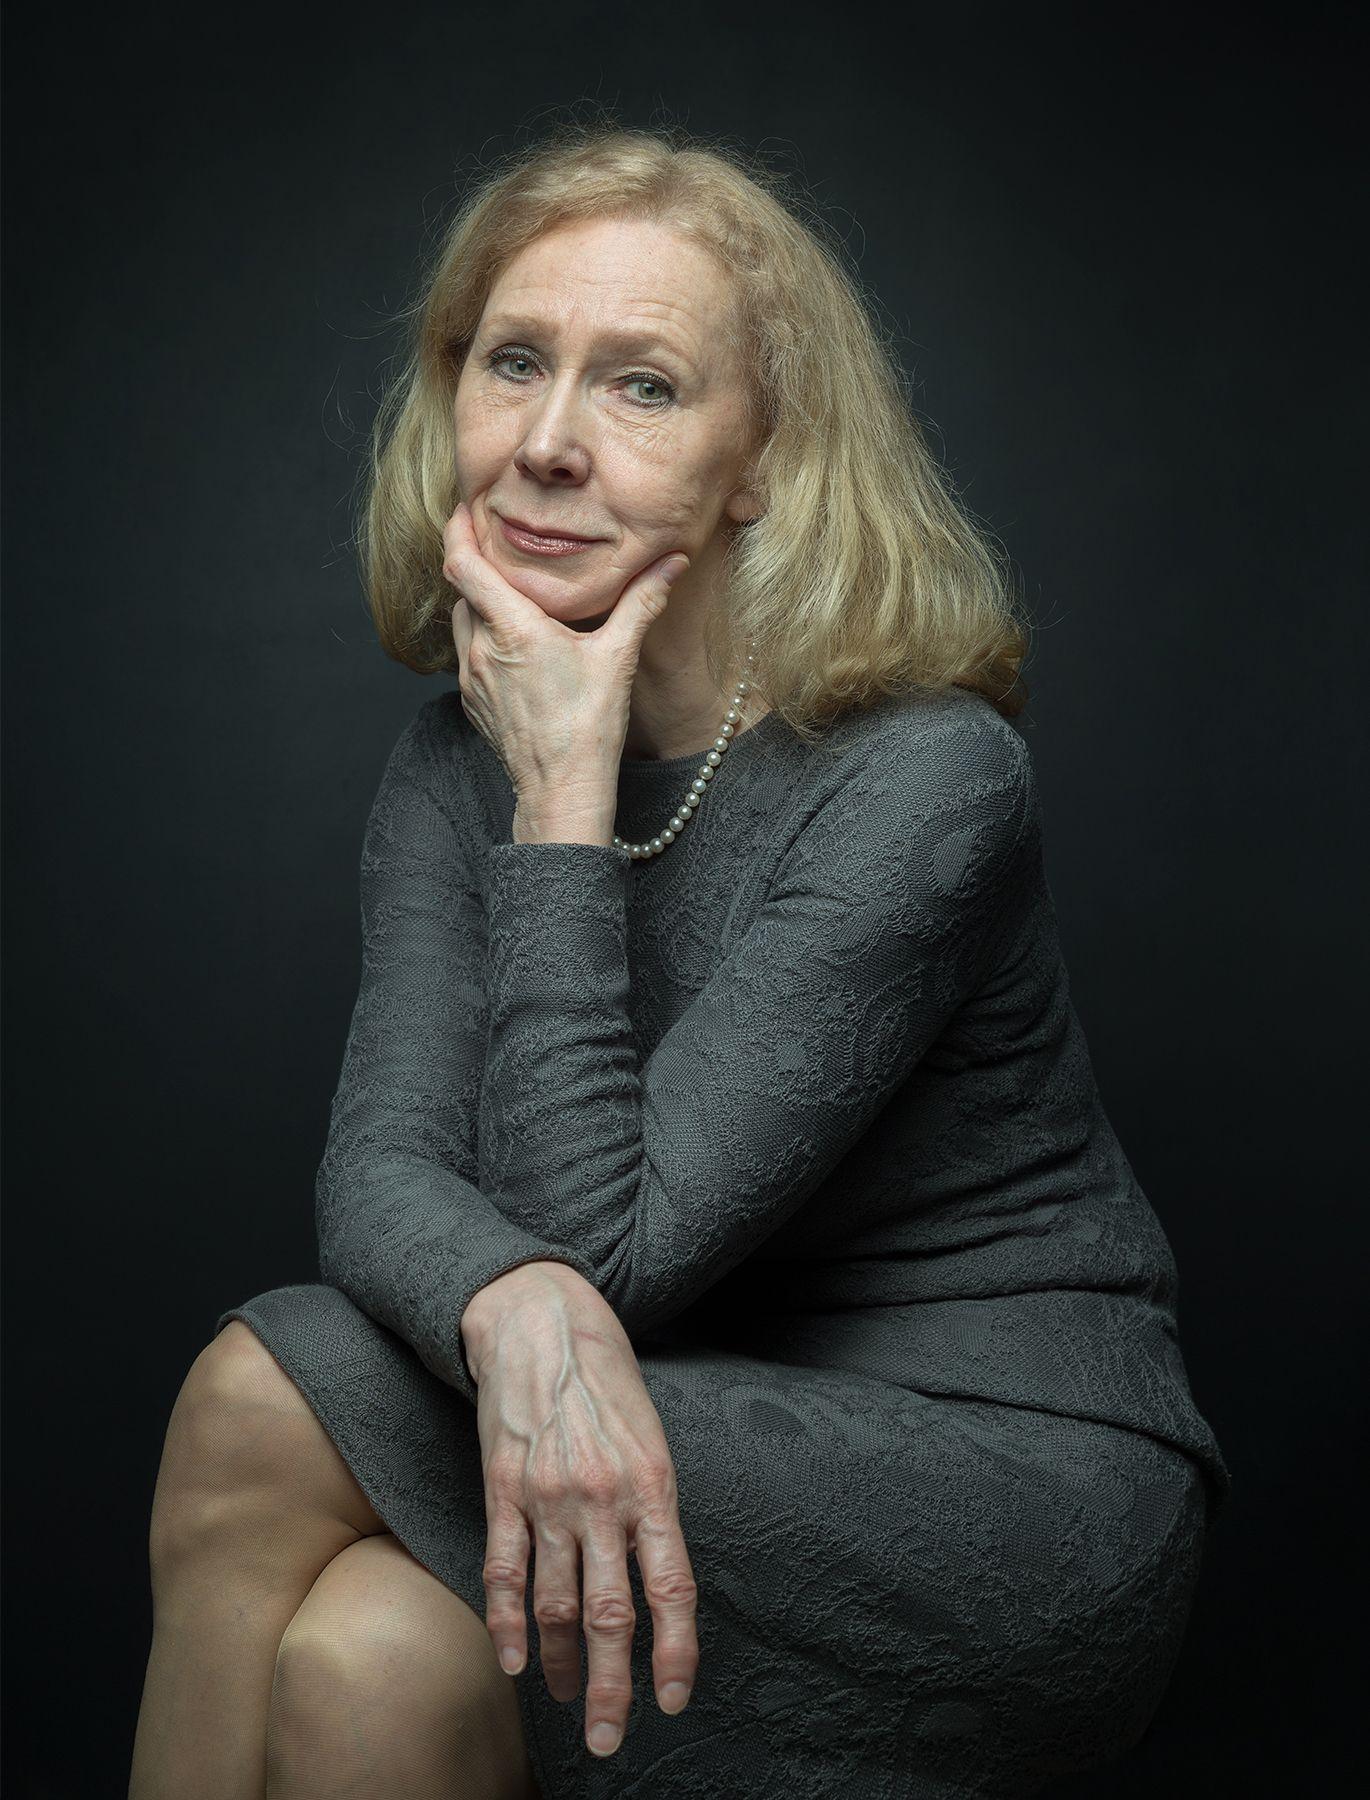 Портрет Ольги woman portrait gallery owner art critic